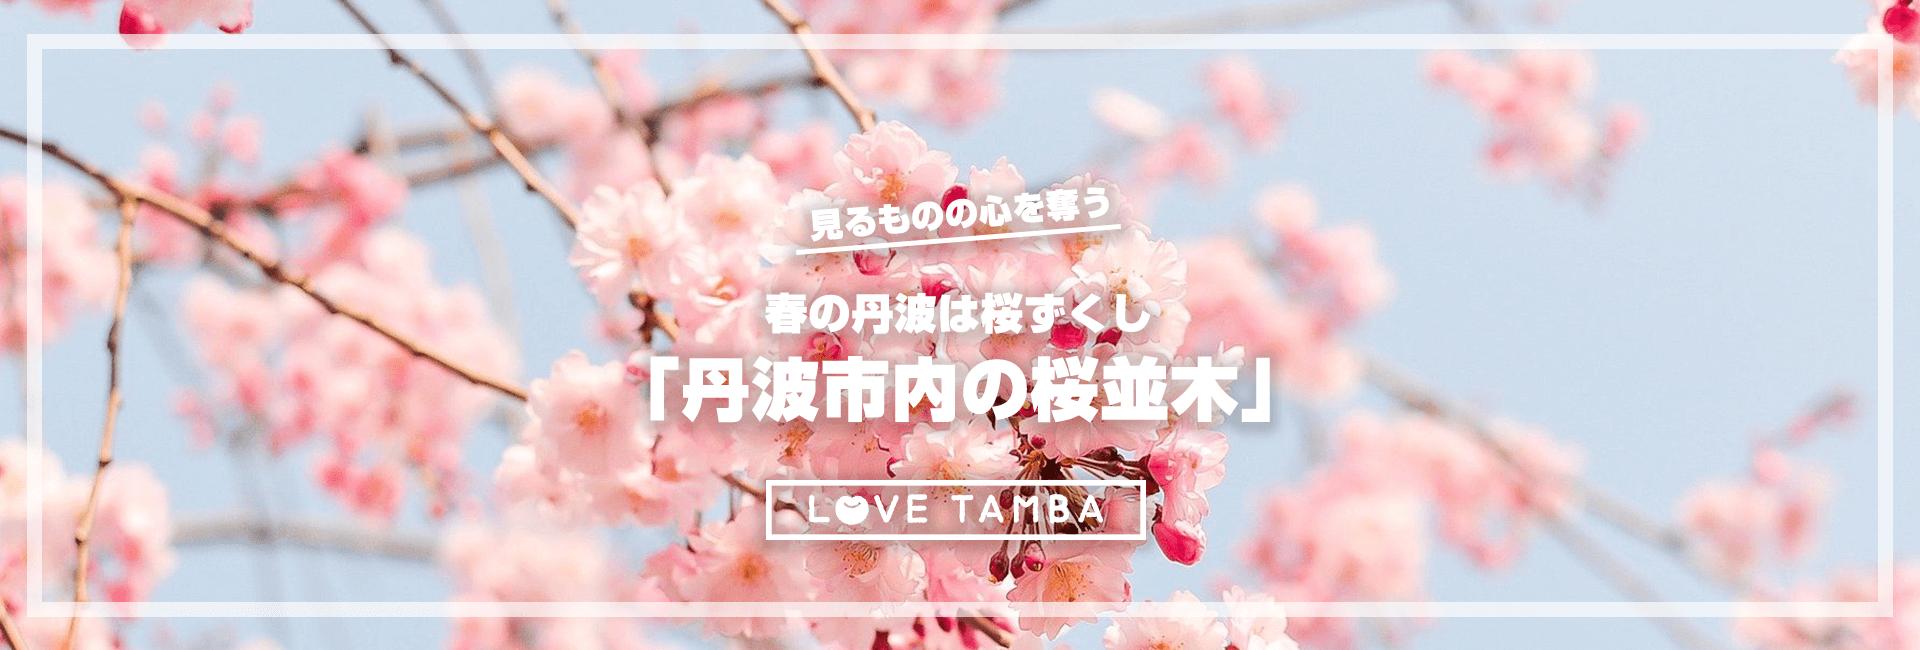 見るものの心奪われる春の丹波は桜ずくし「丹波市内の桜並木」